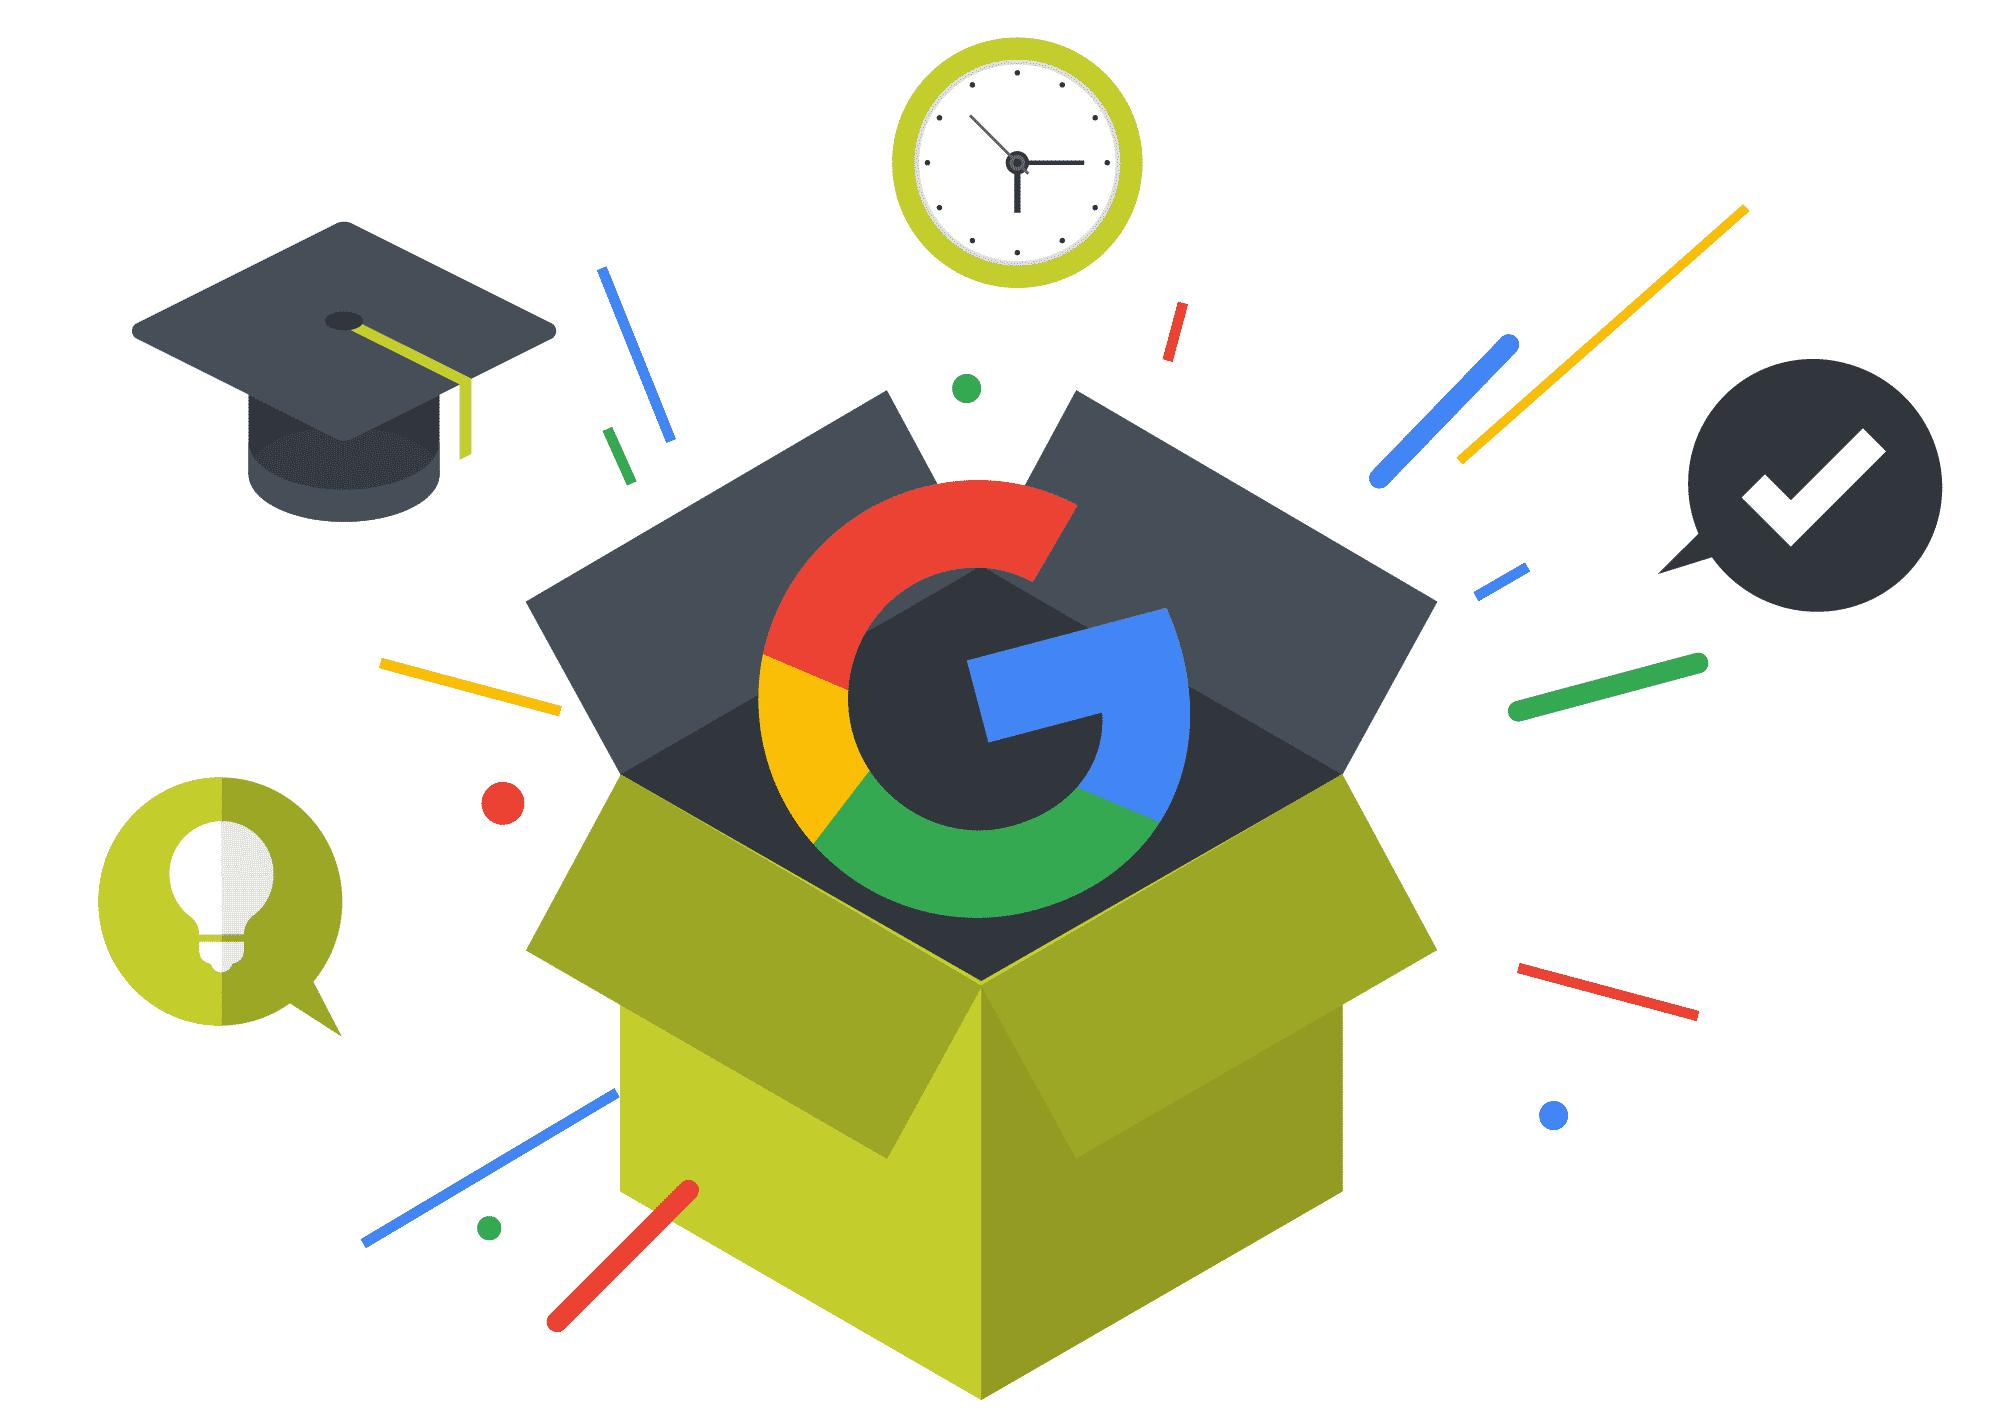 Paket mit herauspringenden Google G und anderen Icons